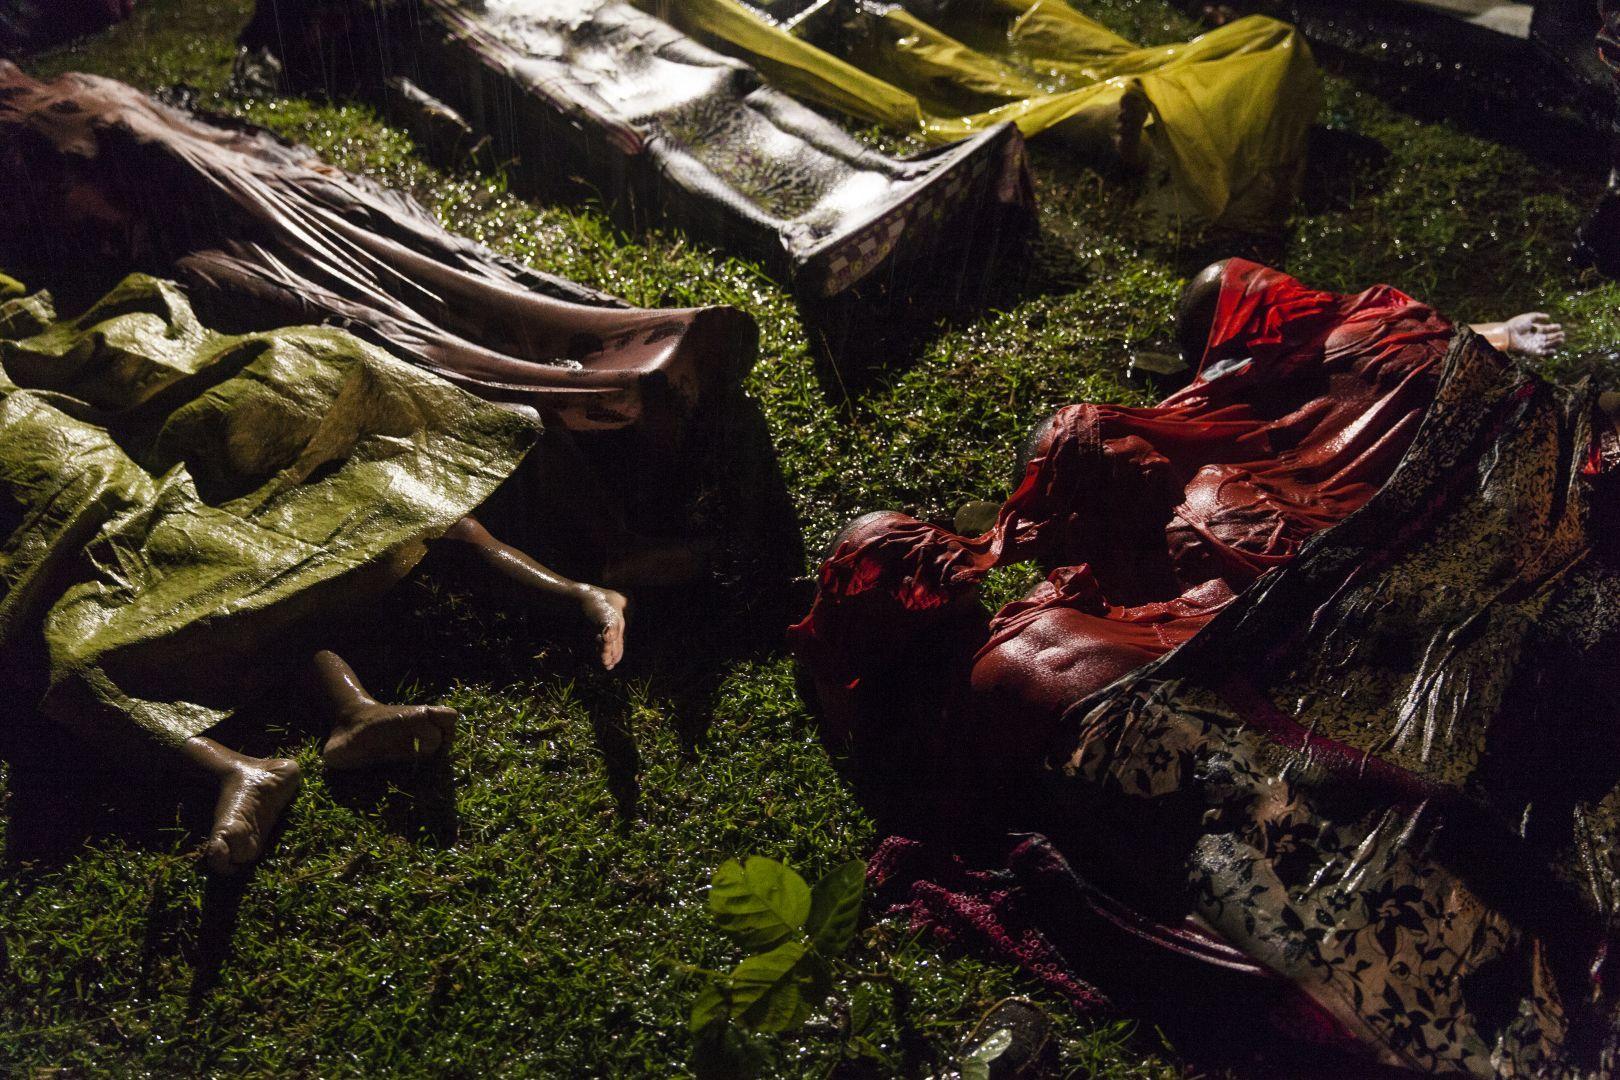 Кризис Рохинга, © Патрик Браун, Австралия, 1-й приз : одиночный кадр, Фотоконкурс World Press Photo